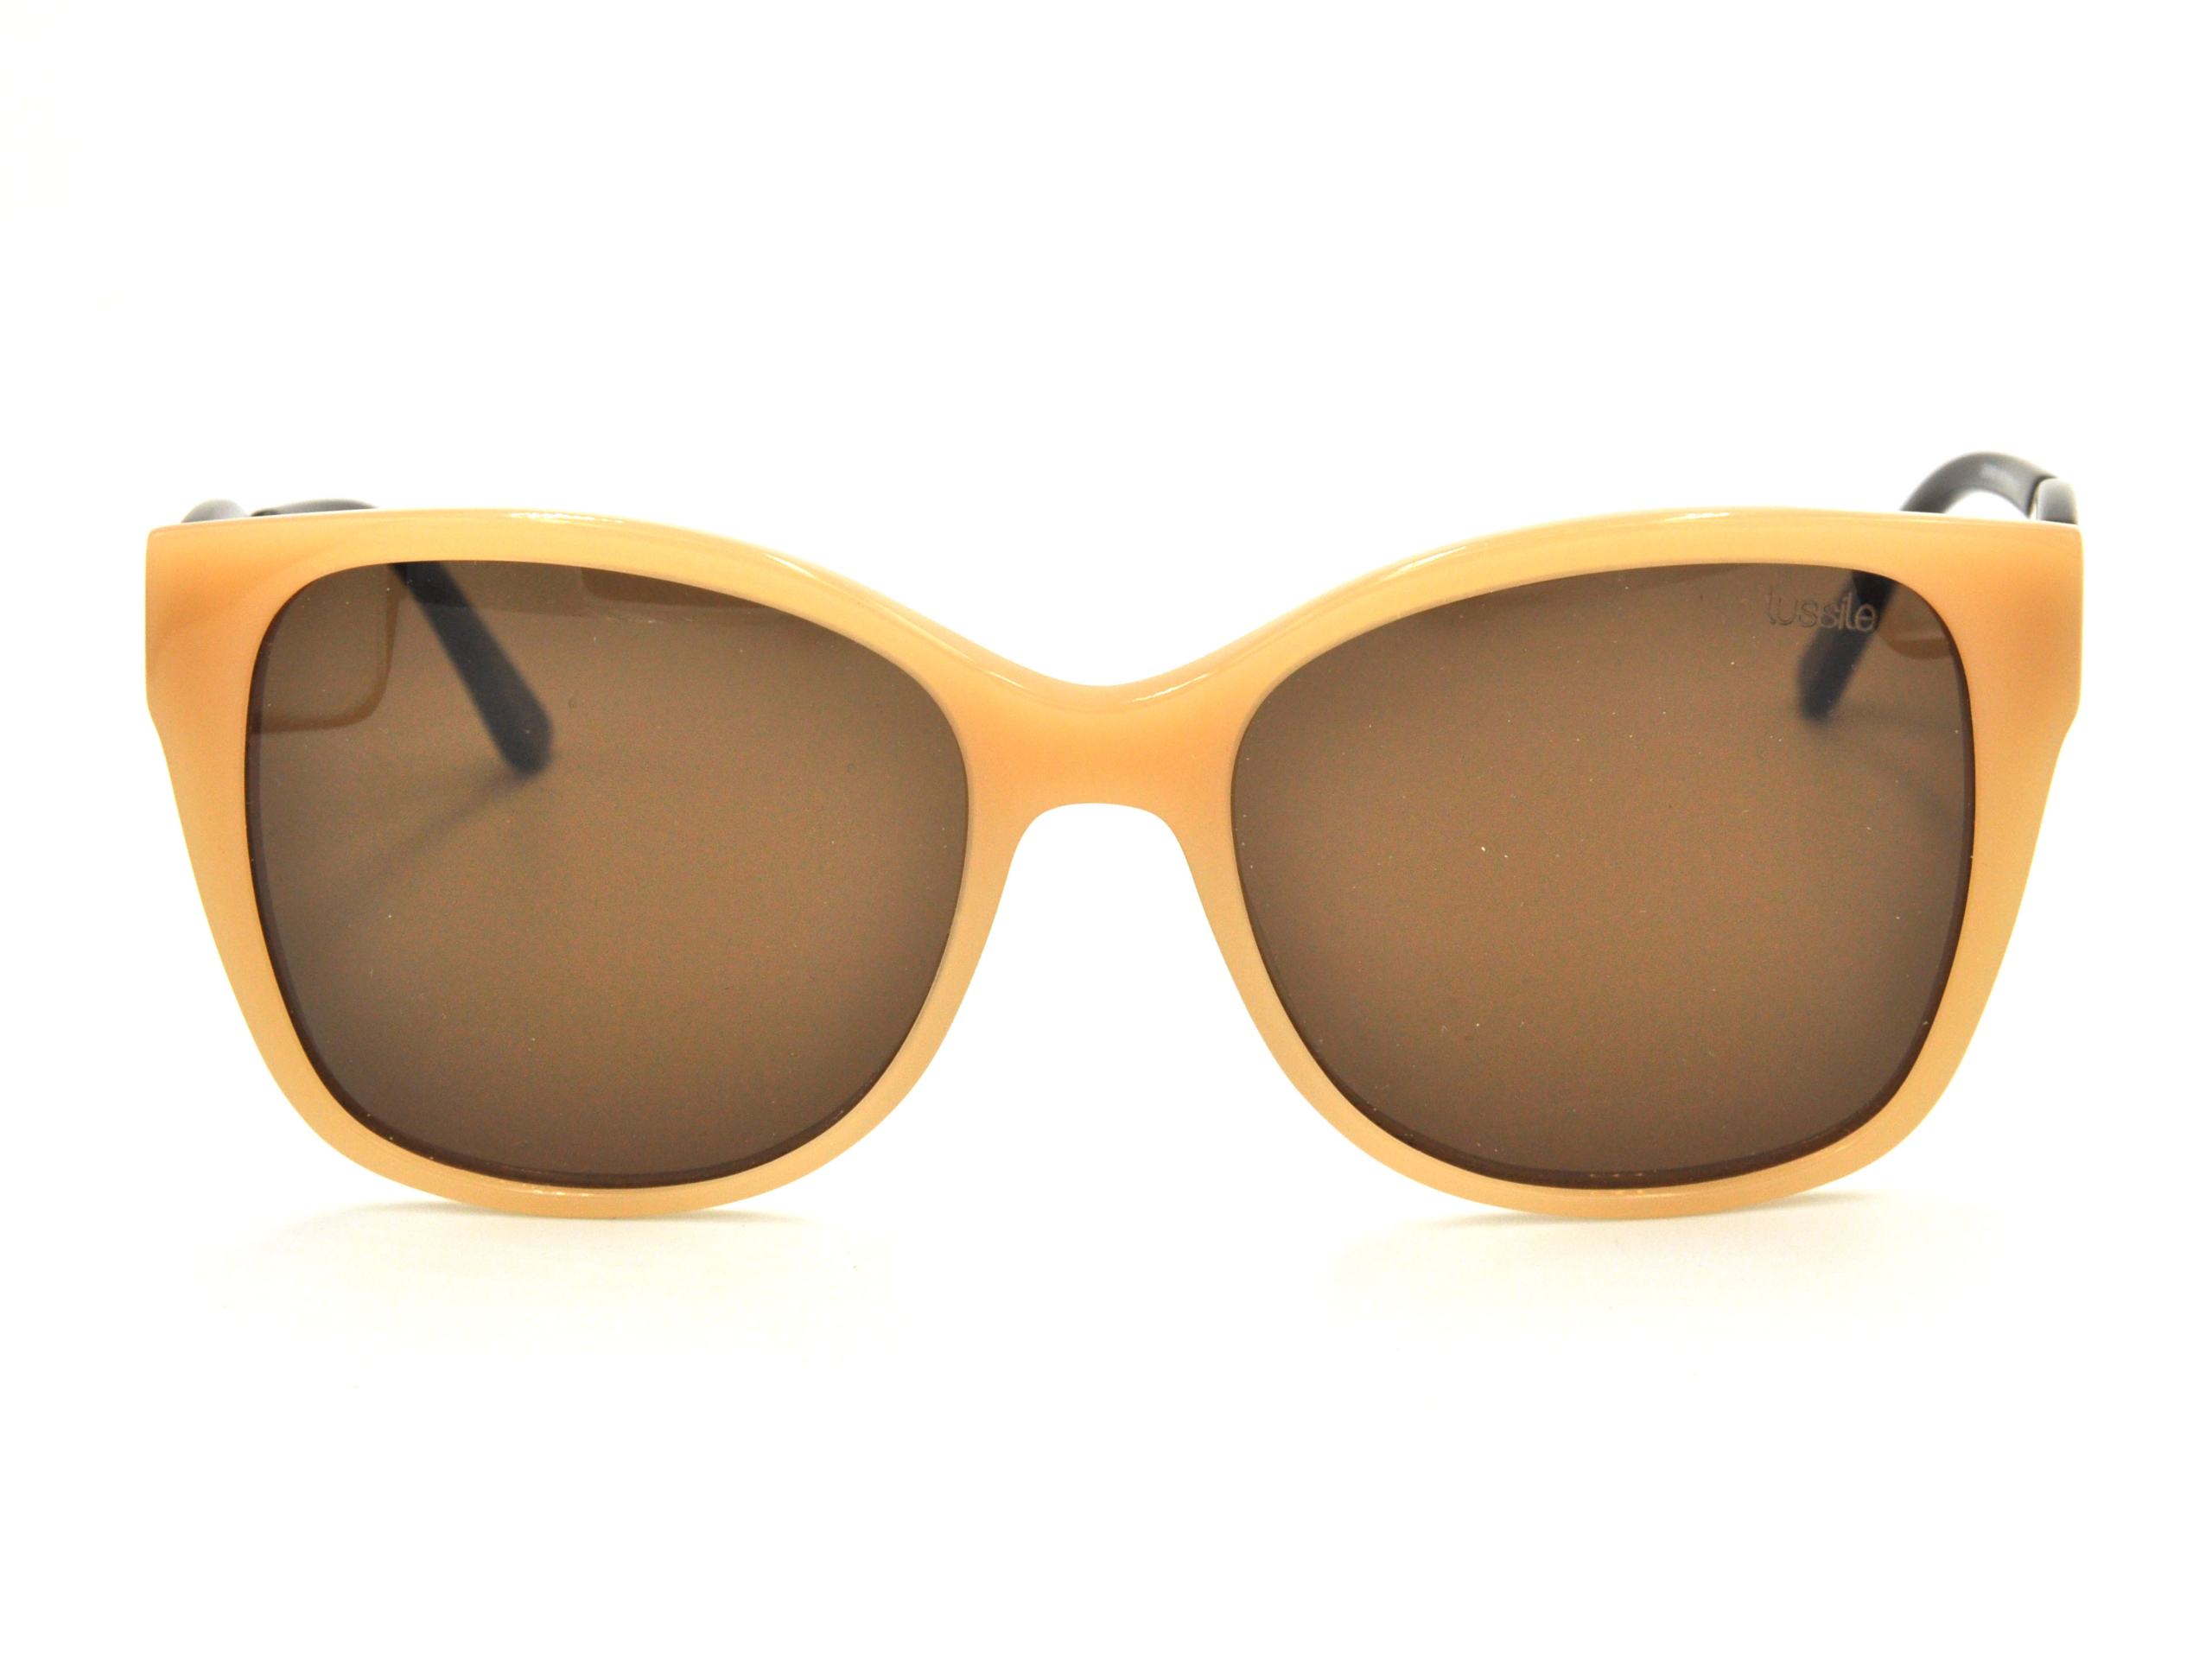 Γυαλιά ηλίου LUSSILE LS31265 LM07 56-18-140 Πειραιάς